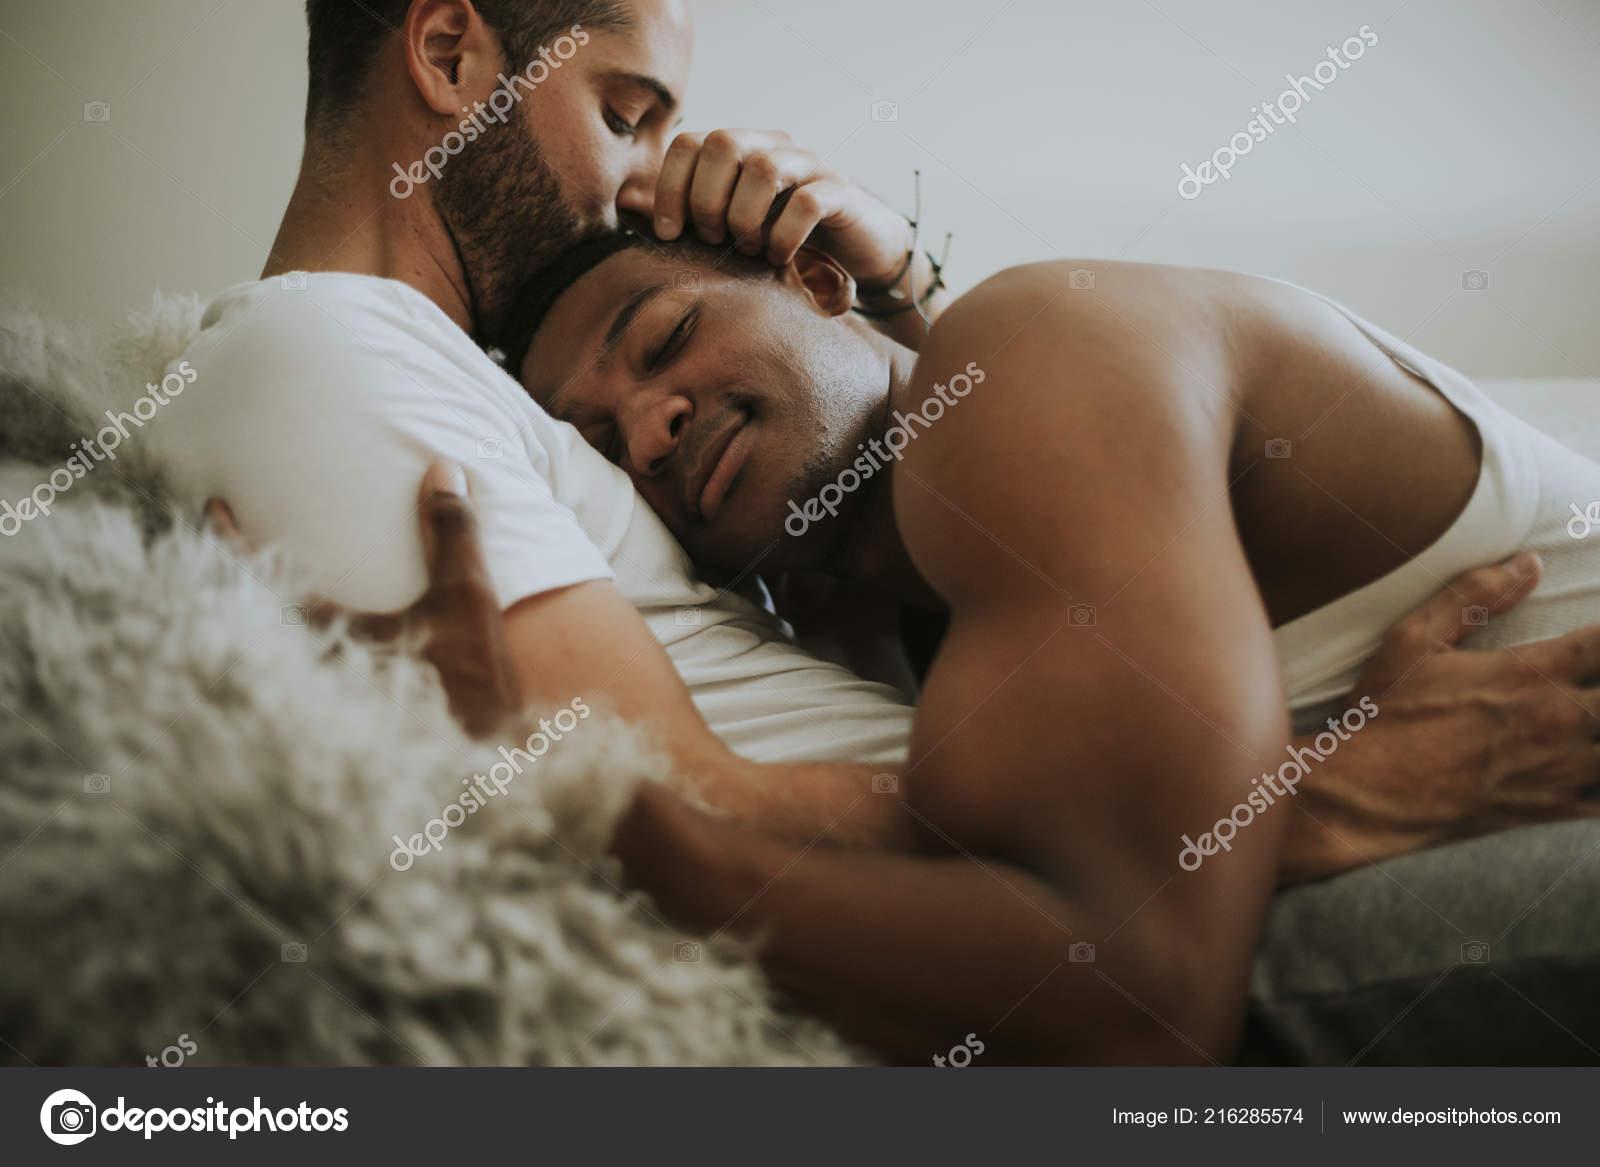 Gay A Letto.Coppia Gay Coccole Nel Letto Foto Stock C Rawpixel 216285574